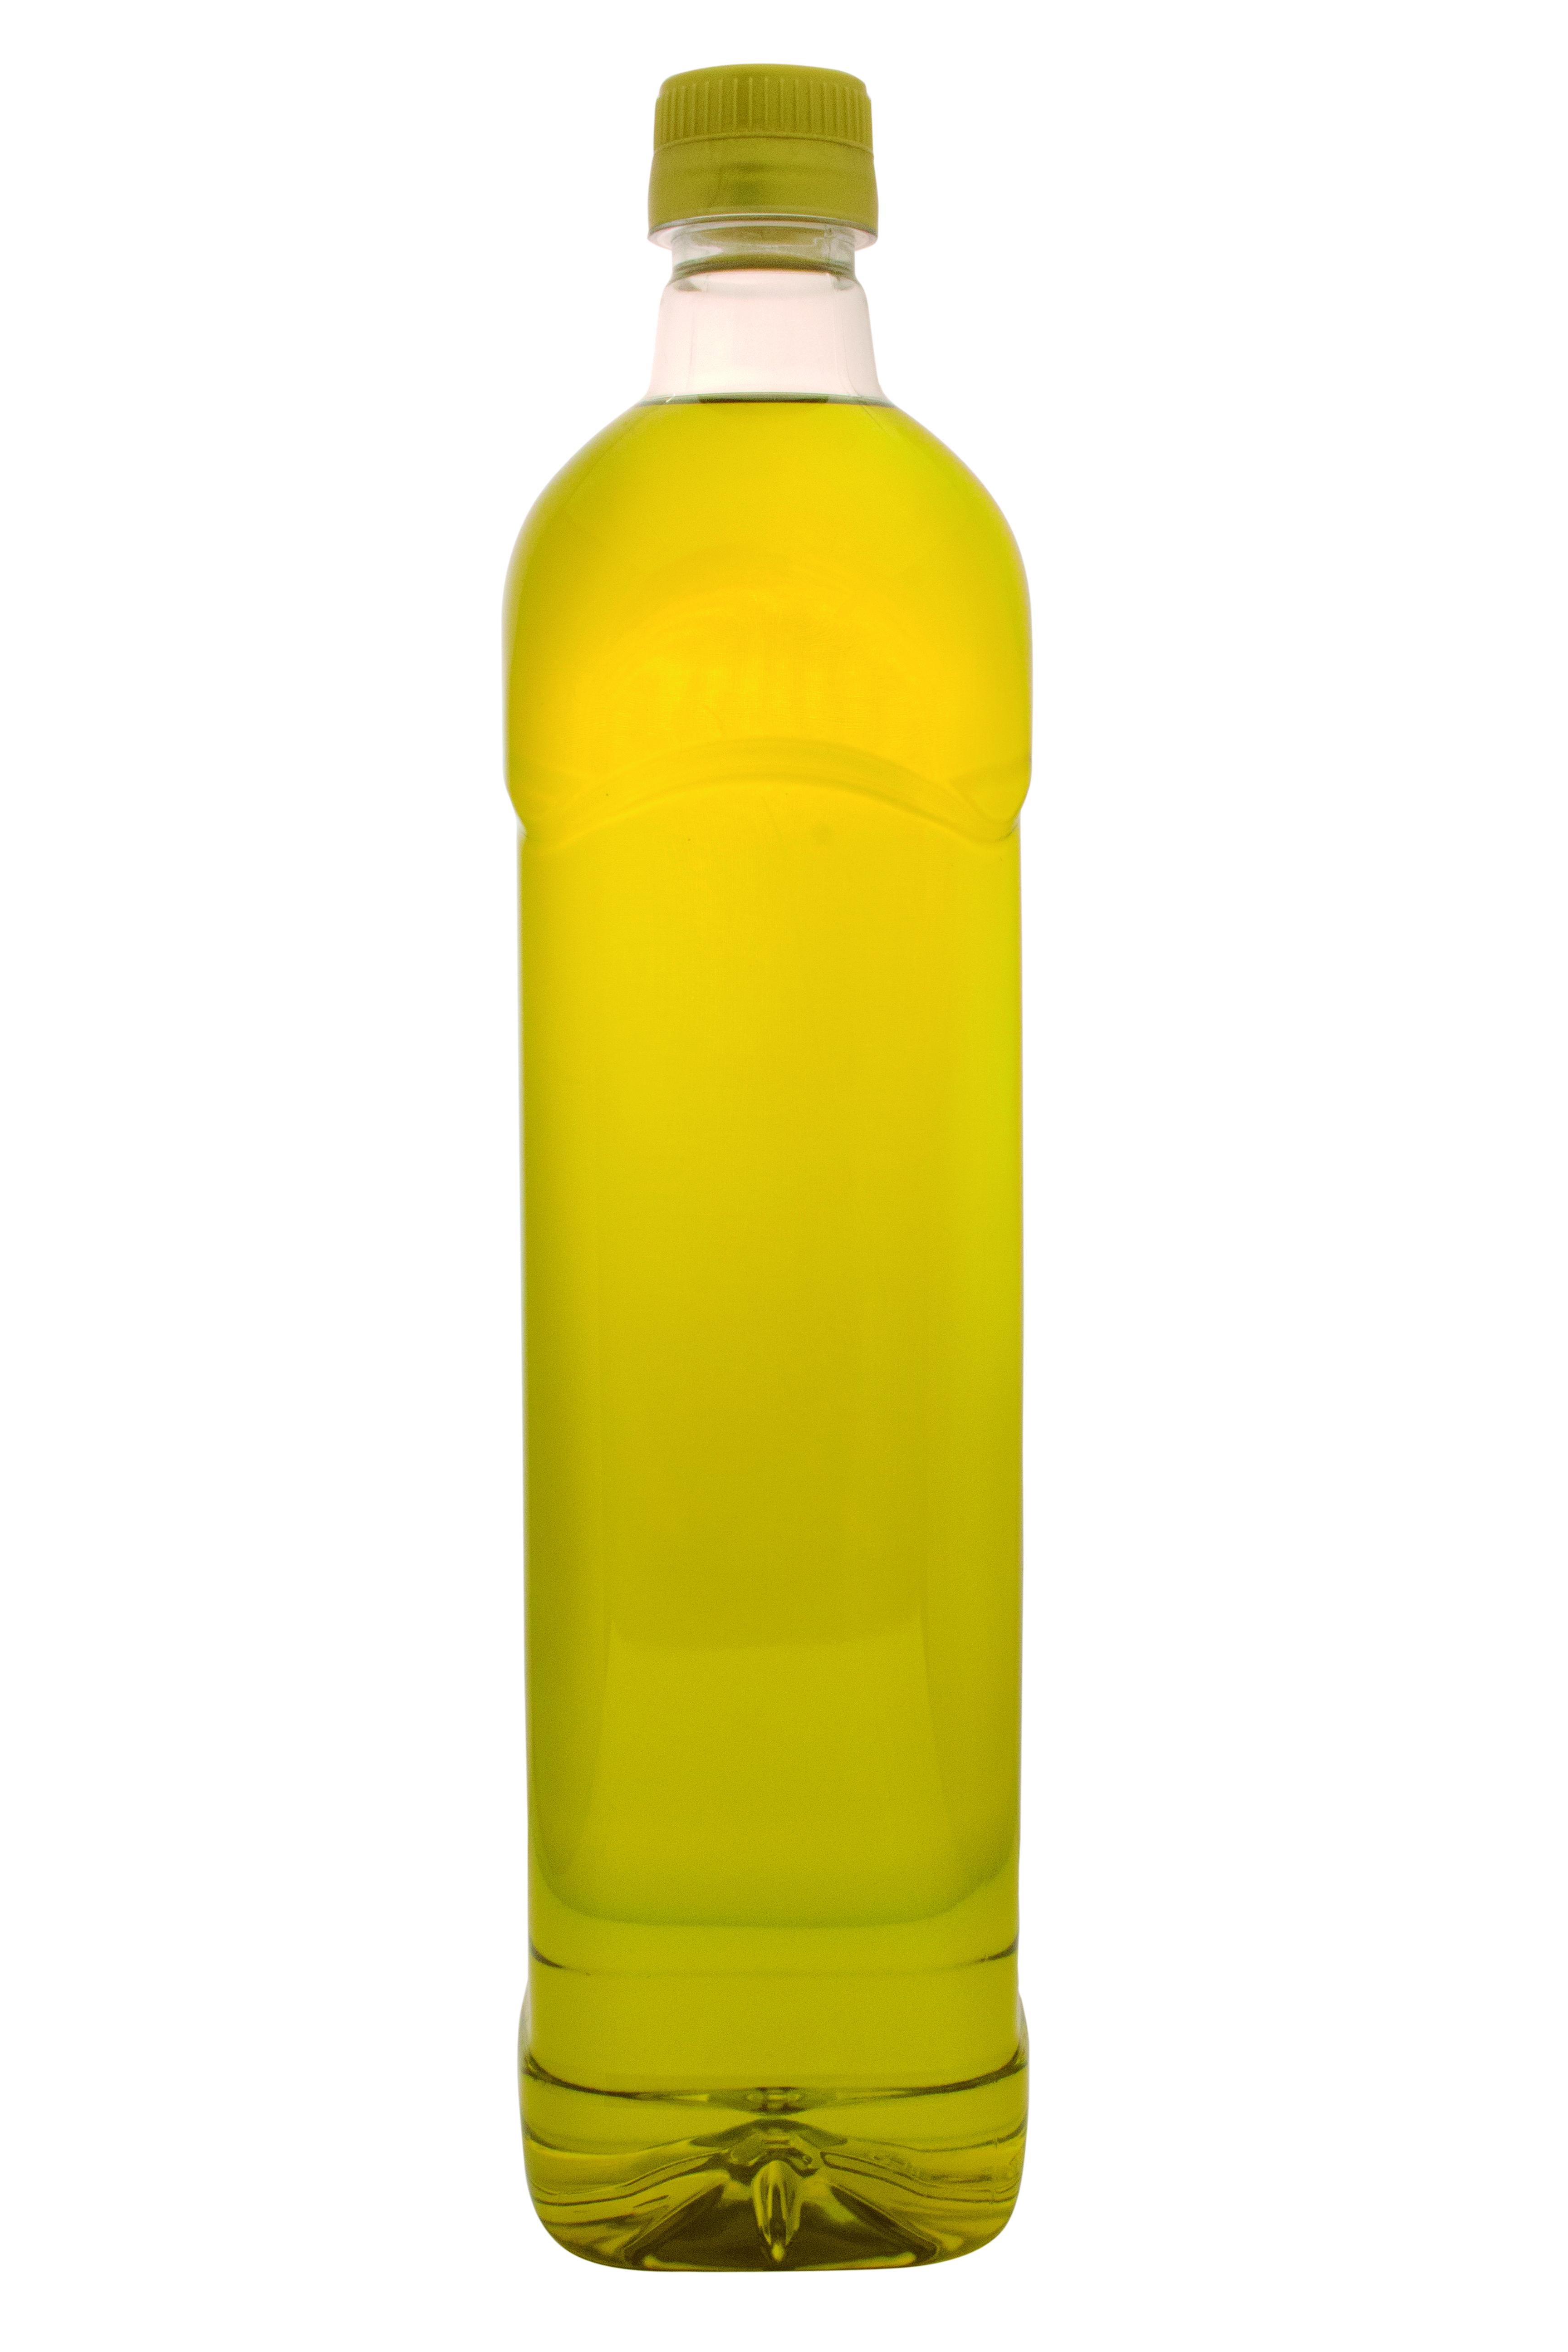 6 PREFORMA PET 50G (MARASCA HPET 1L)